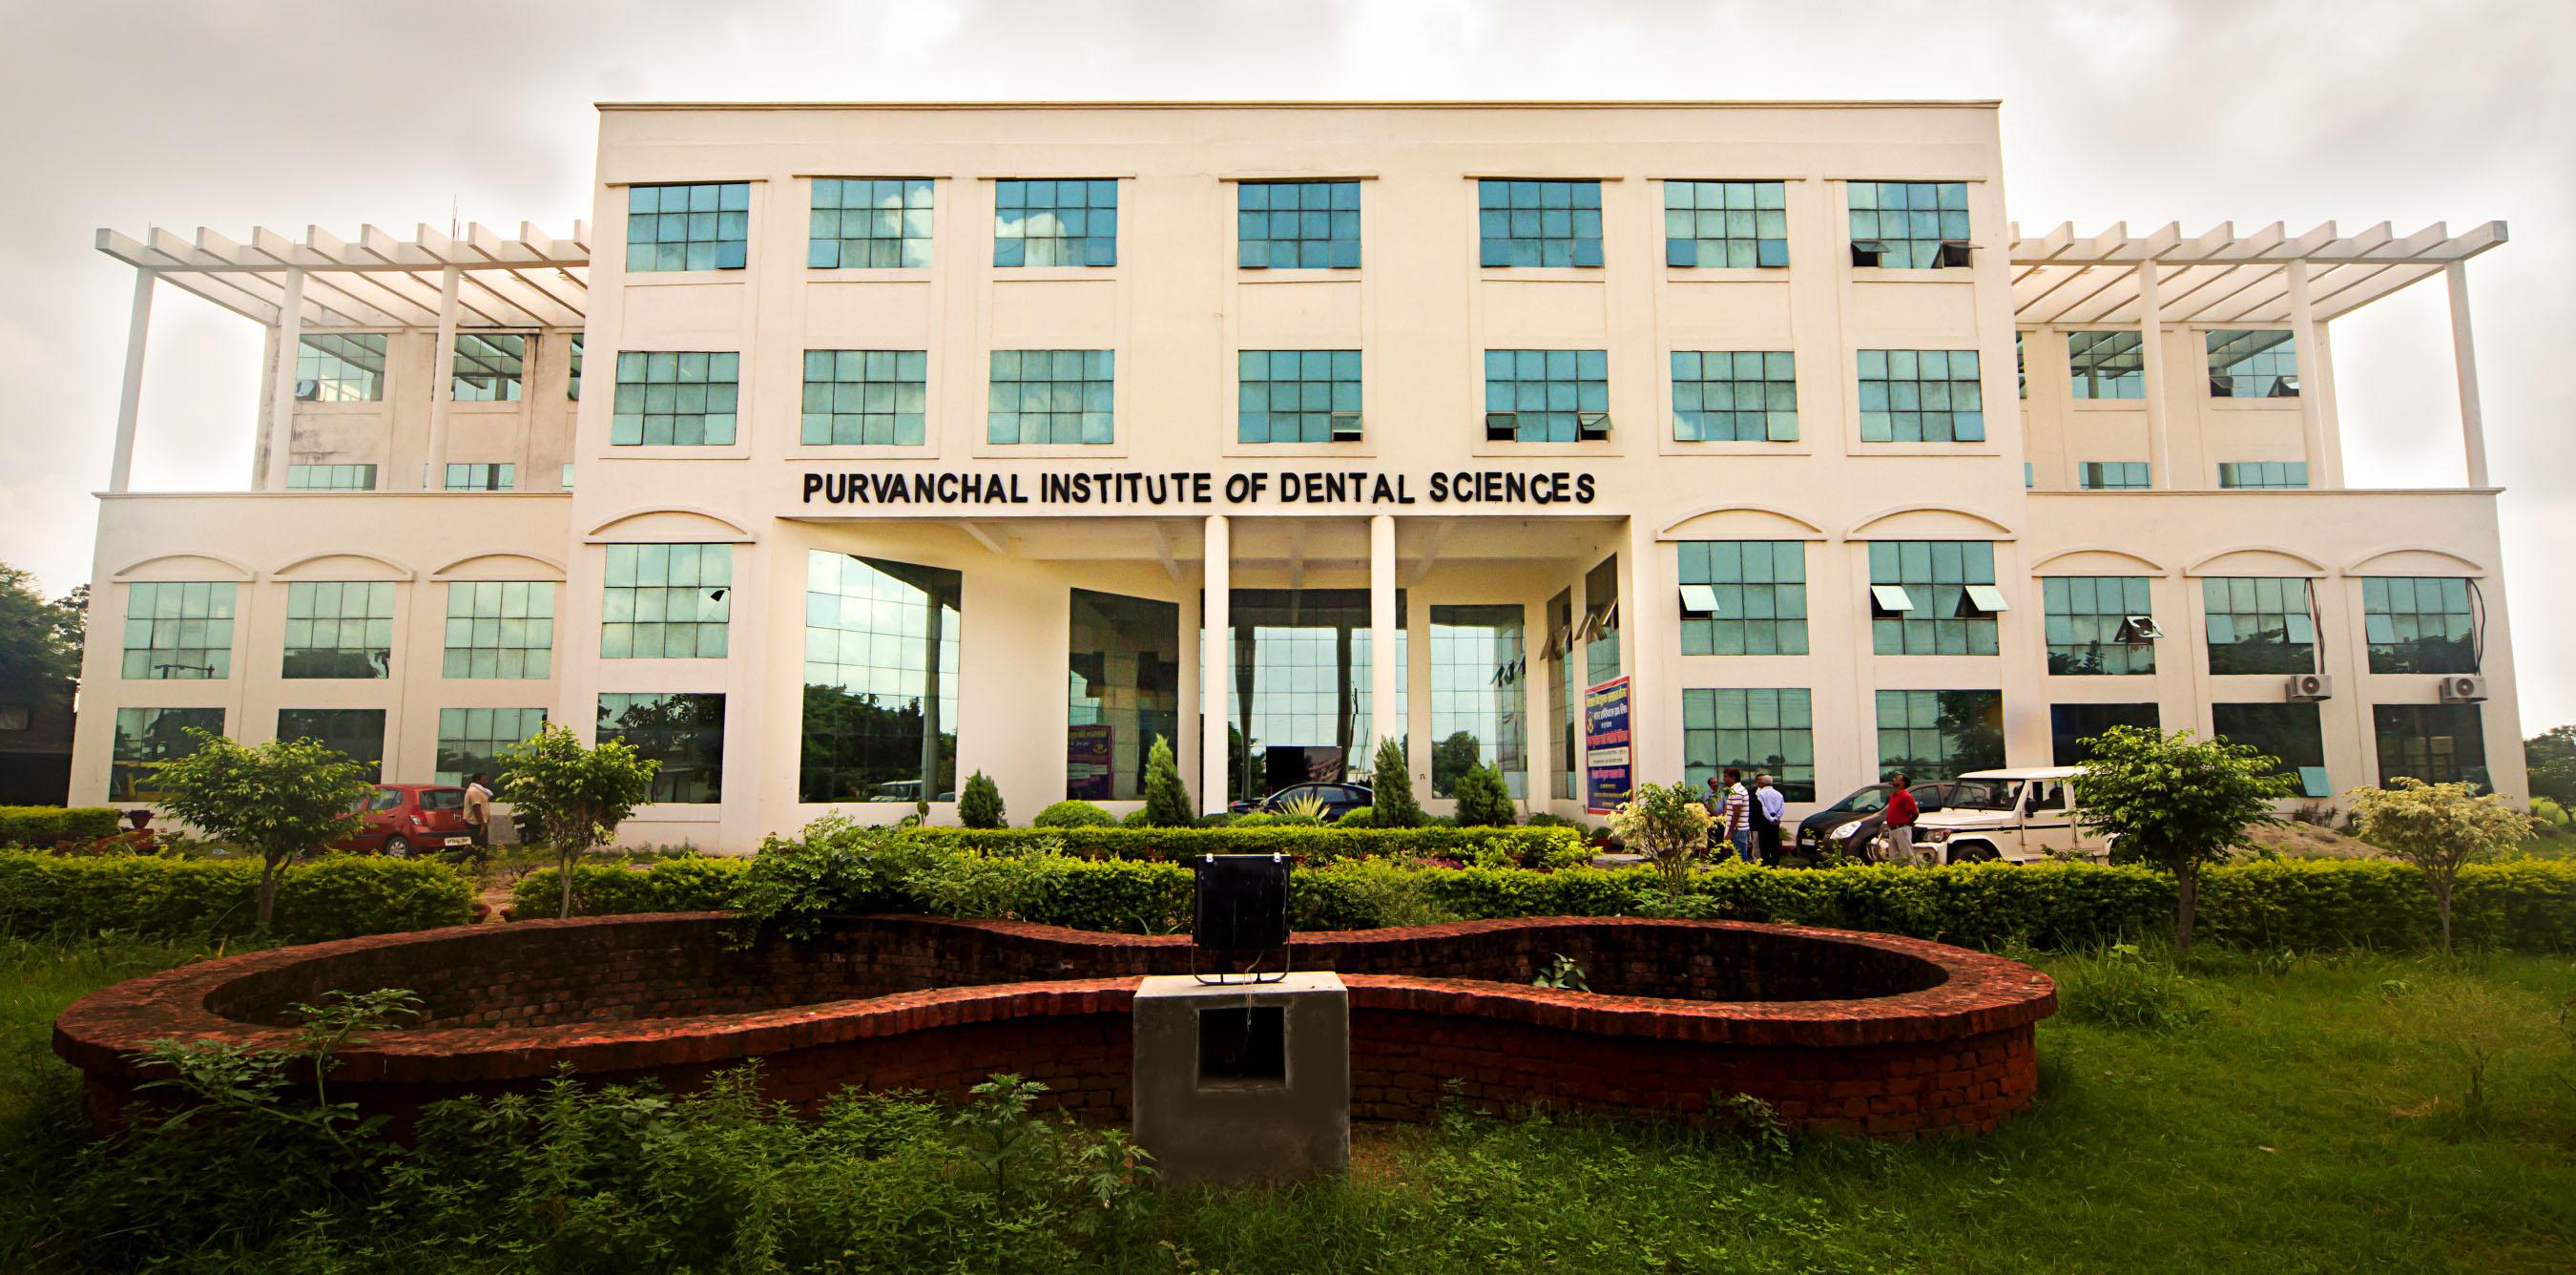 Purvanchal Institute of Dental Sciences, Gorakhpur Image